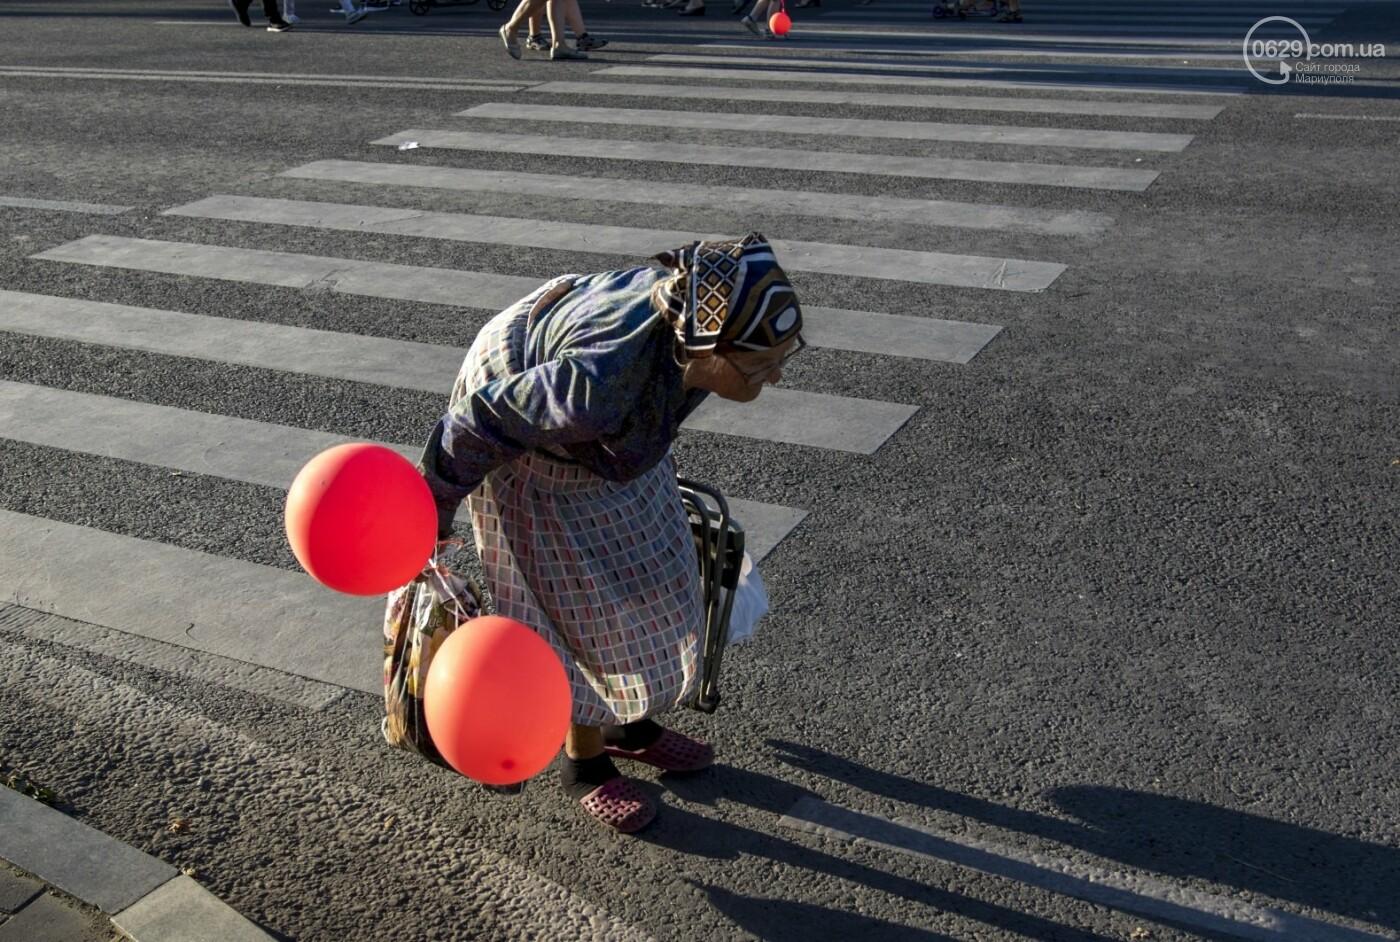 С Аленом Делоном в обнимку. 16 захватывающих фотографий со Дня Франции в Мариуполе, - ФОТОРЕПОРТАЖ, фото-6